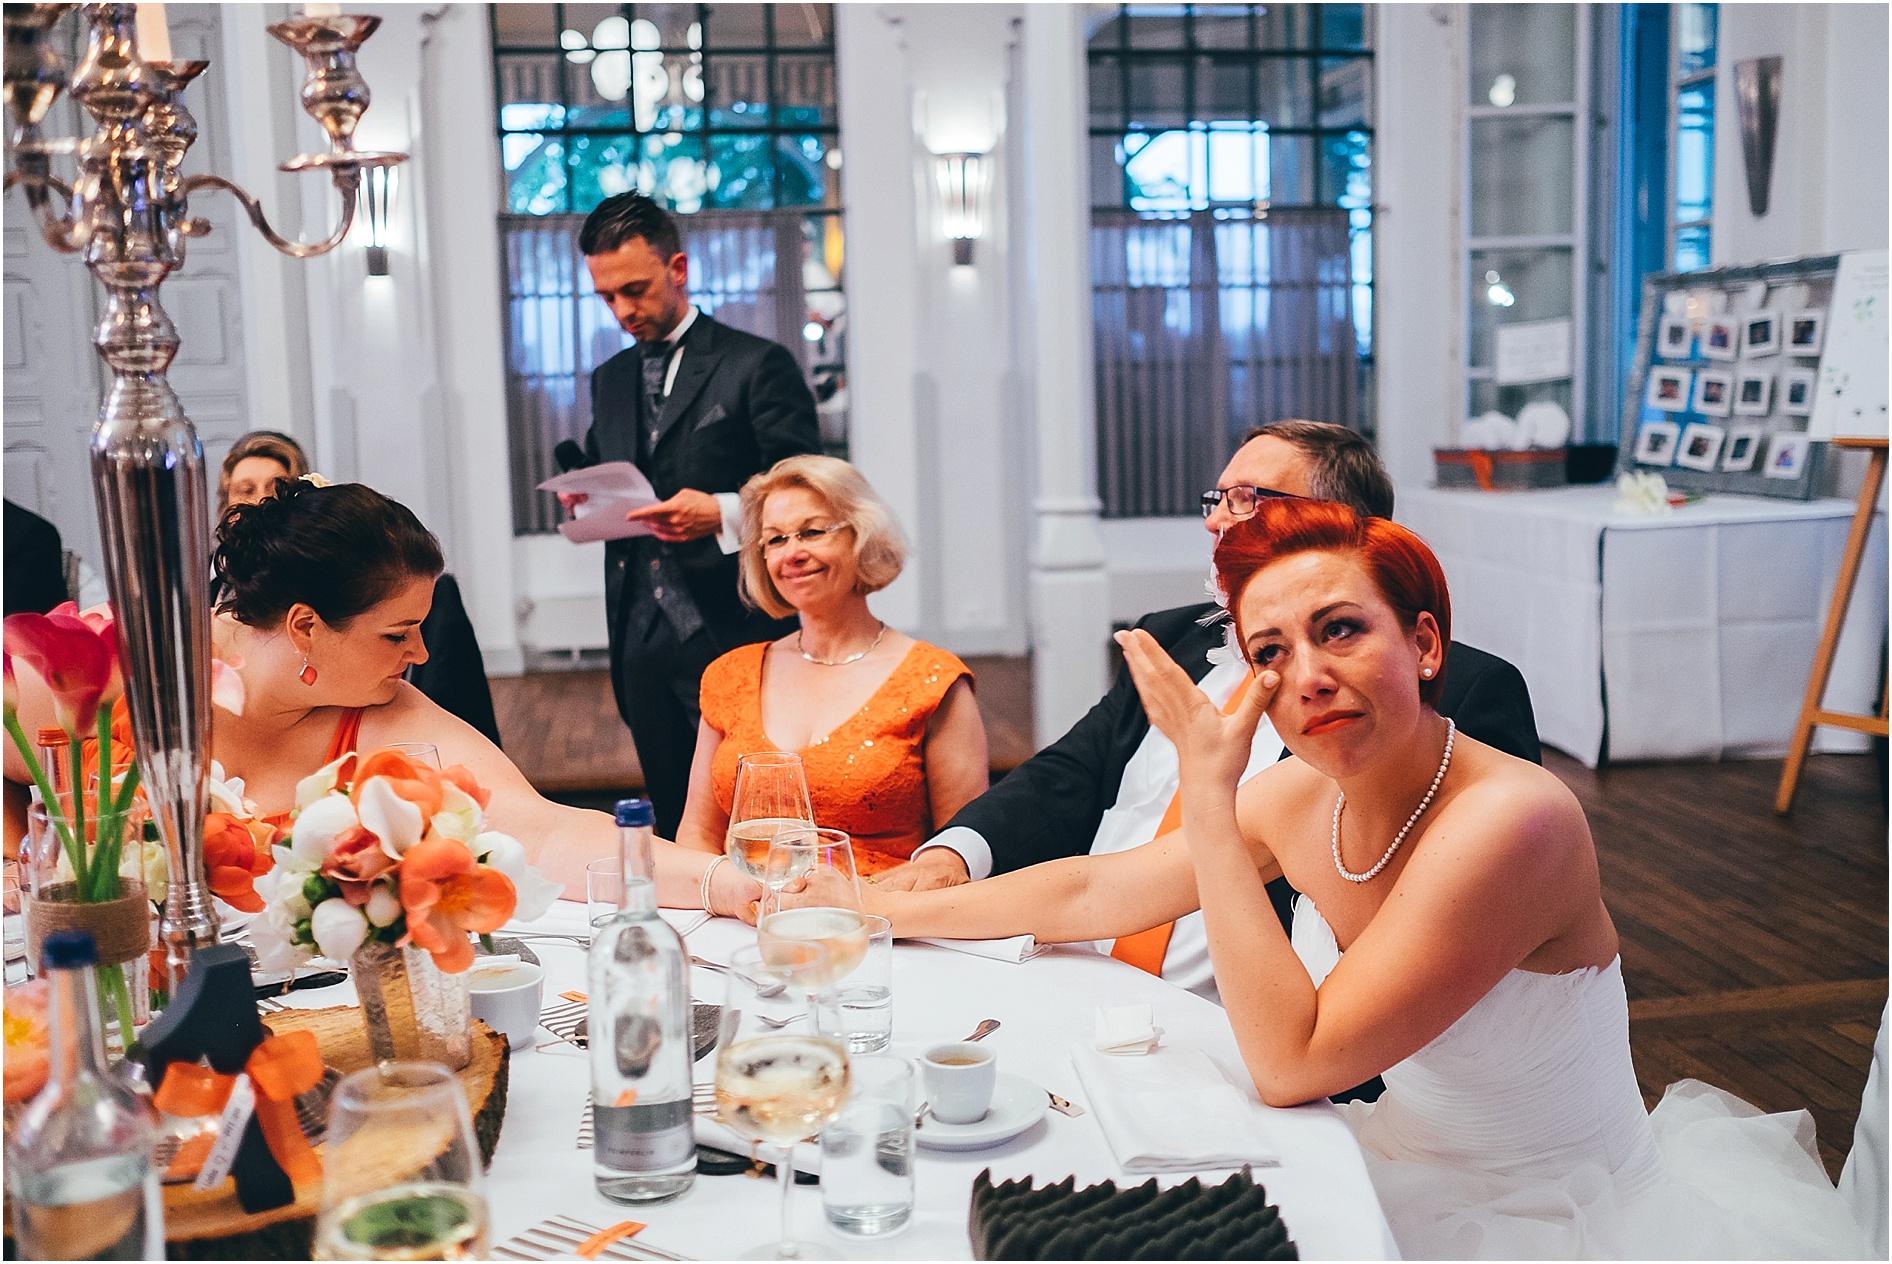 2015-10-27_0102 Tine & Chrischan - Hochzeitsfilm & Fotos in Lüneburg